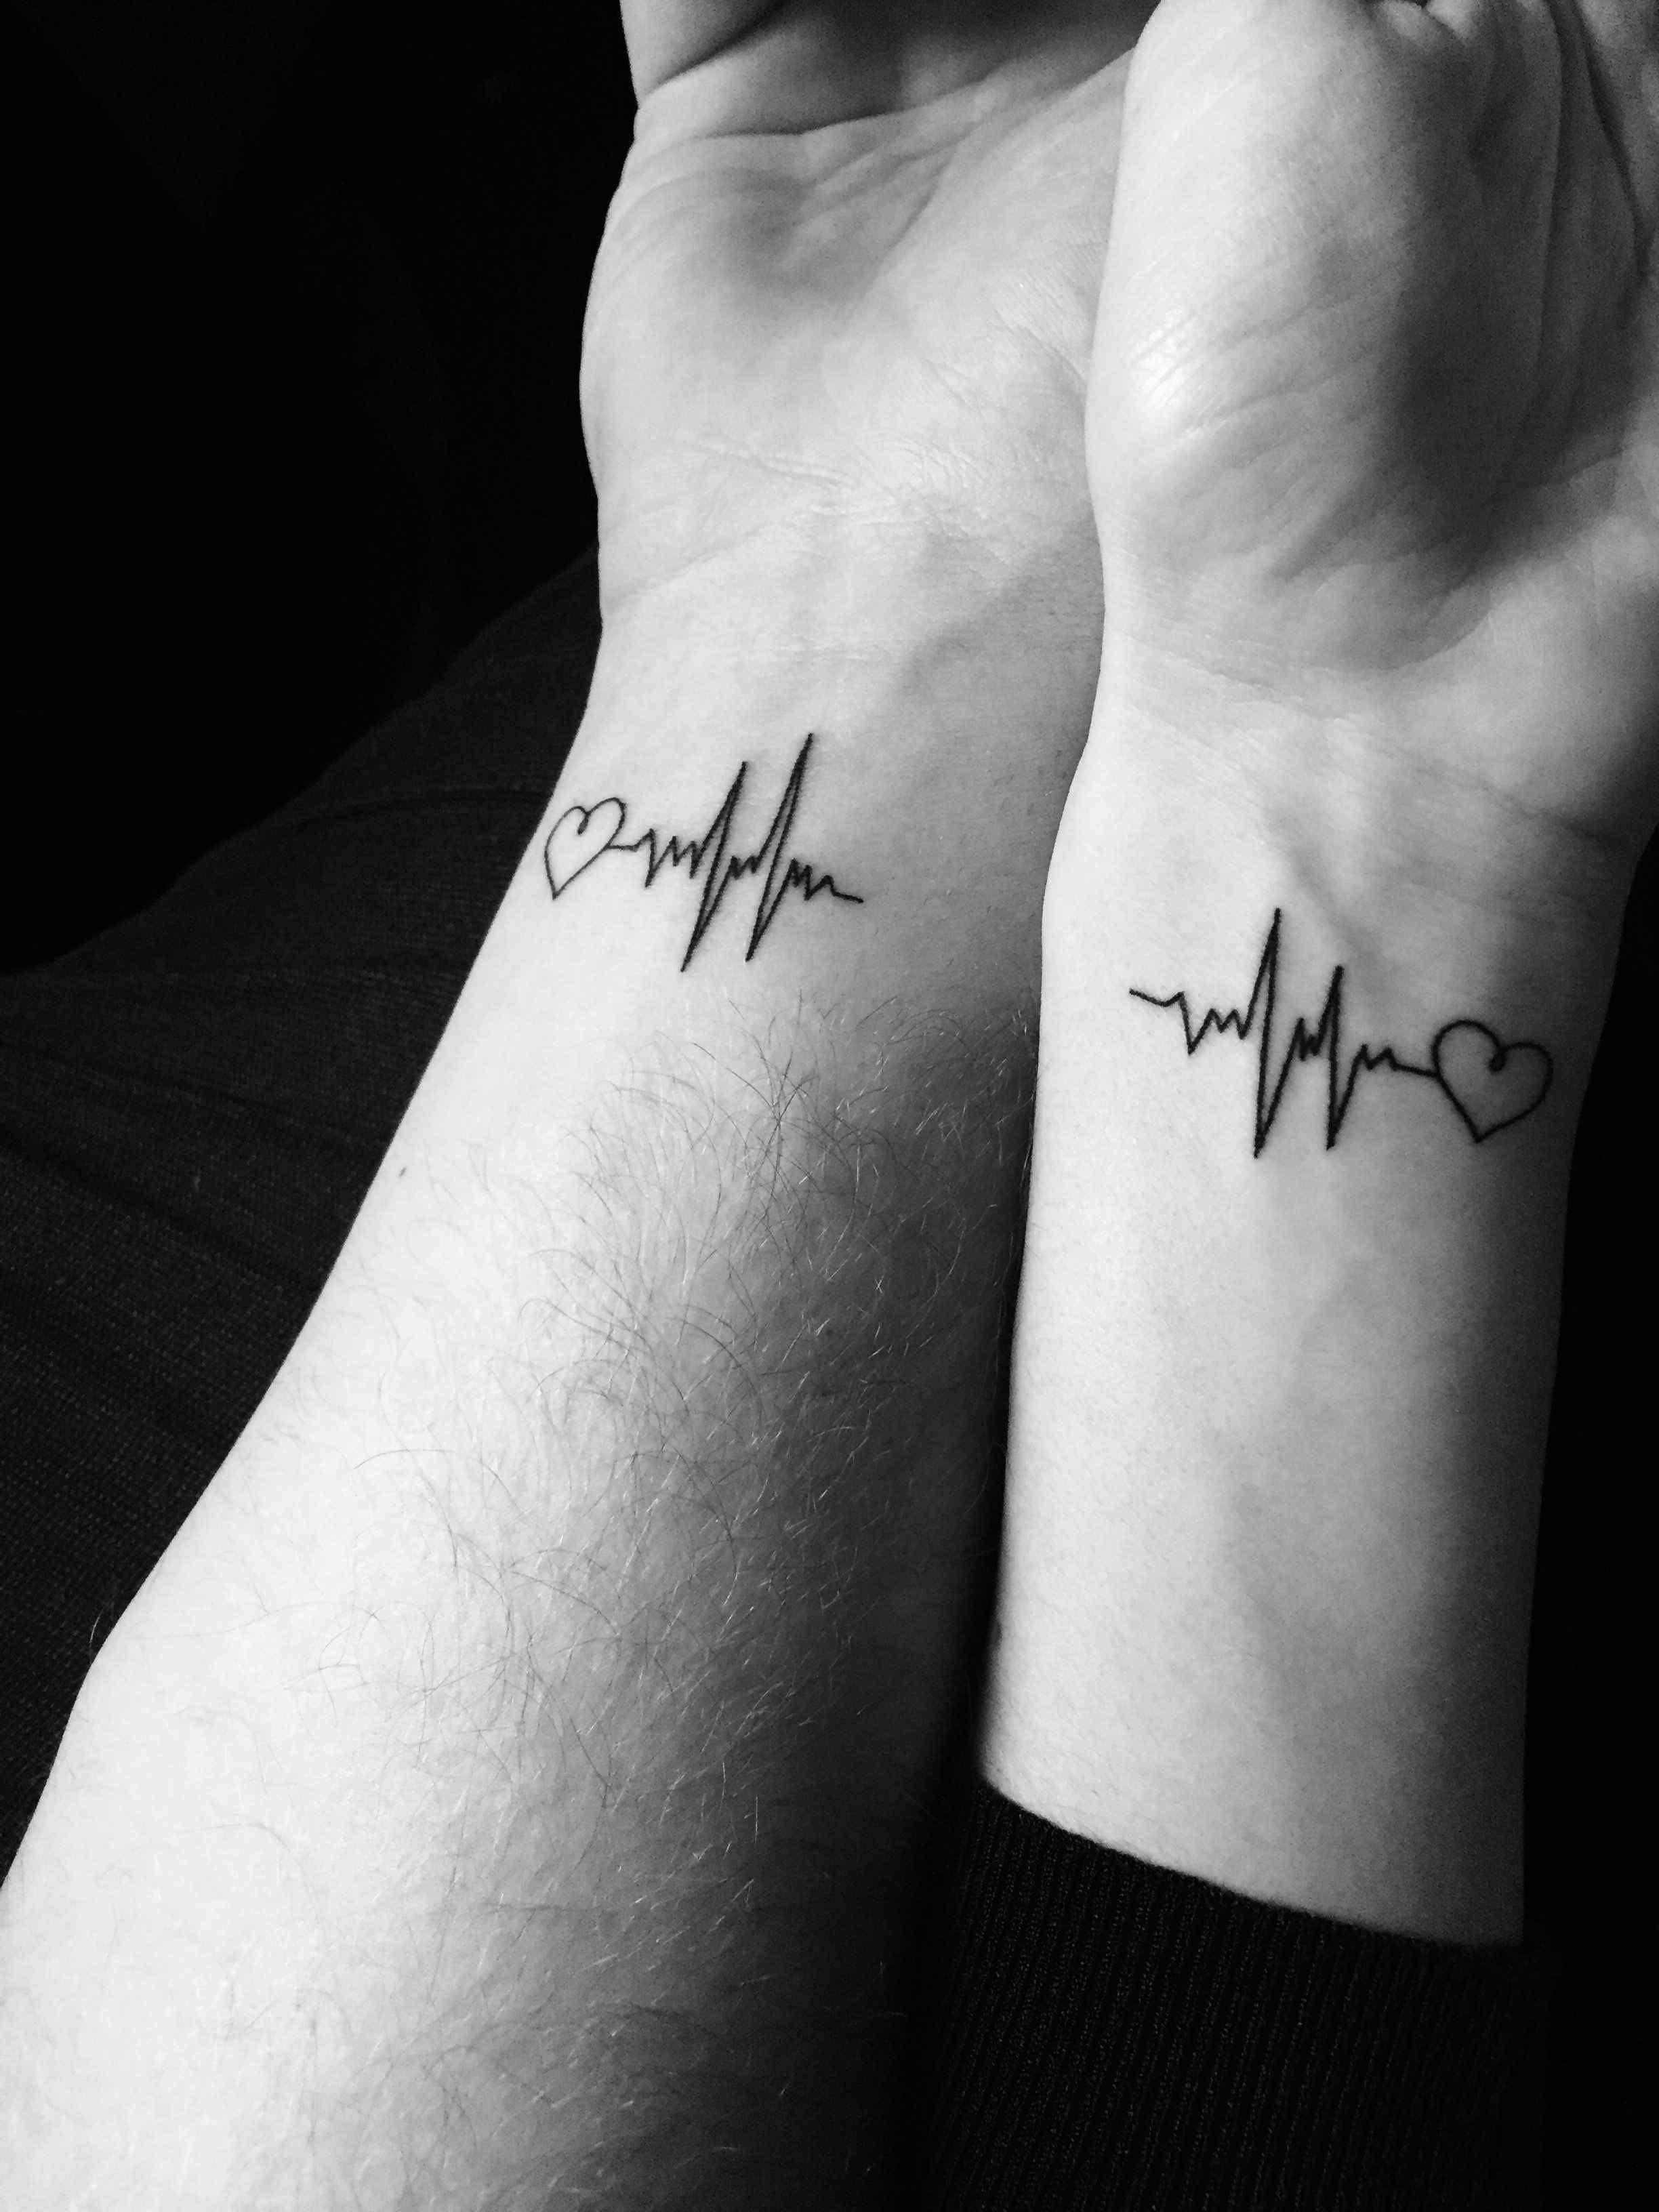 Elegant Small Cute Tattoos For Couples Prekhome Tatuagem Infinita Tatuagem De Namorados Tatuagem De Batimentos Cardiacos